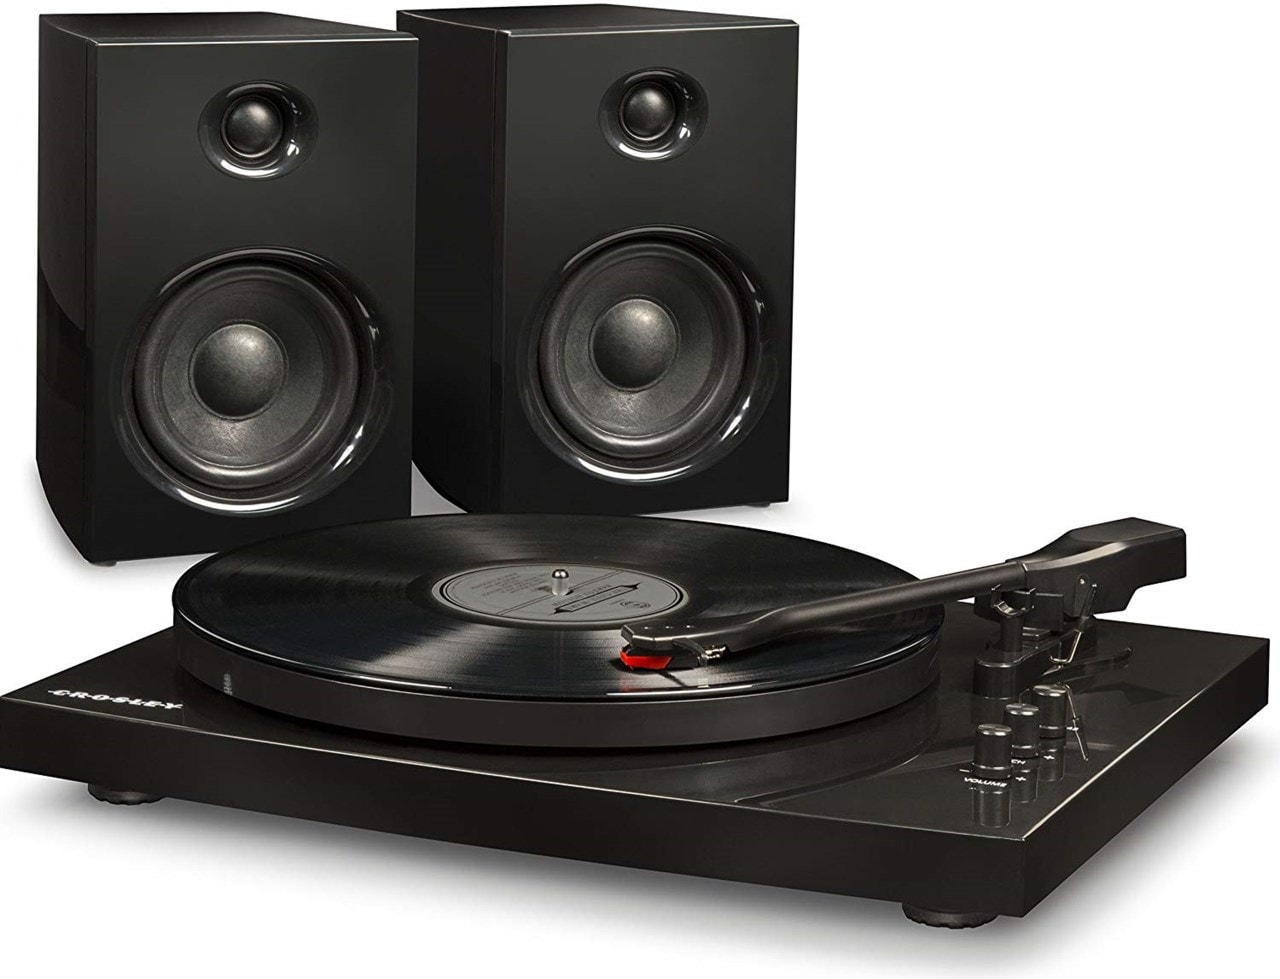 Crosley T100 Black Turntable & Speaker Bundle - 2